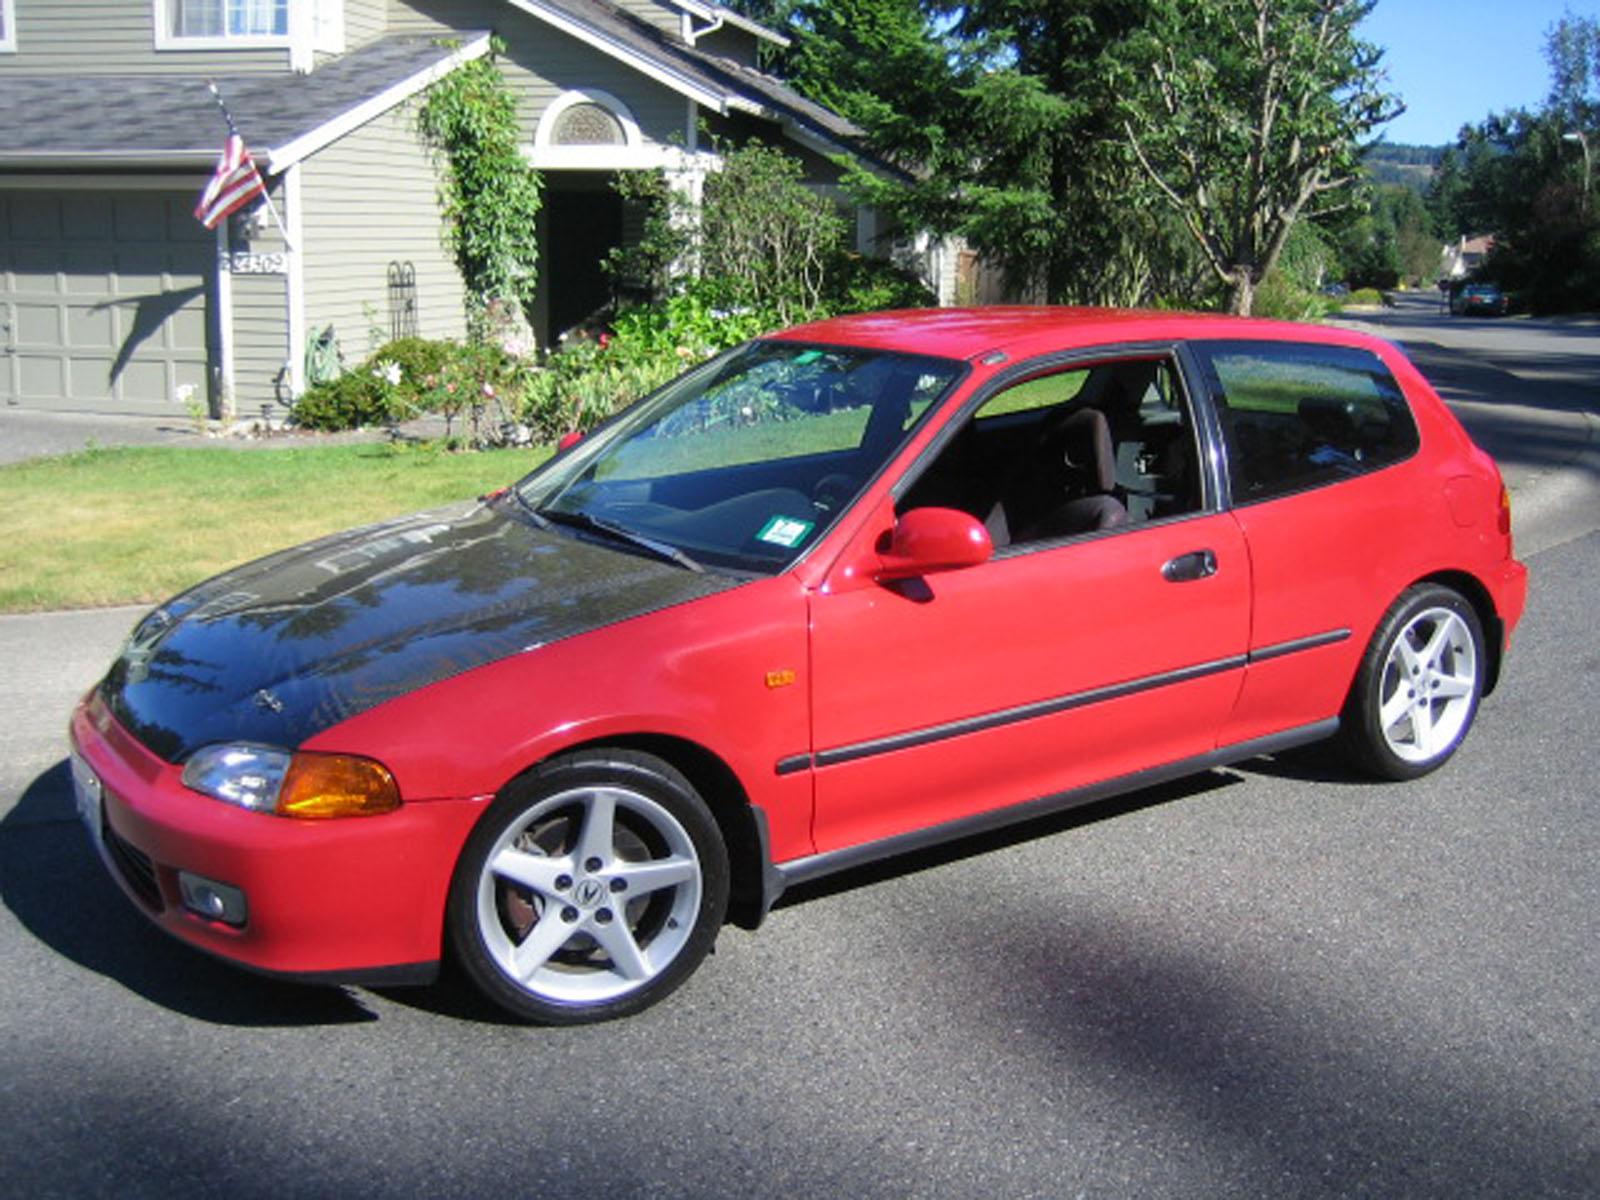 img civic archive sale amu honda details view automotive cars for